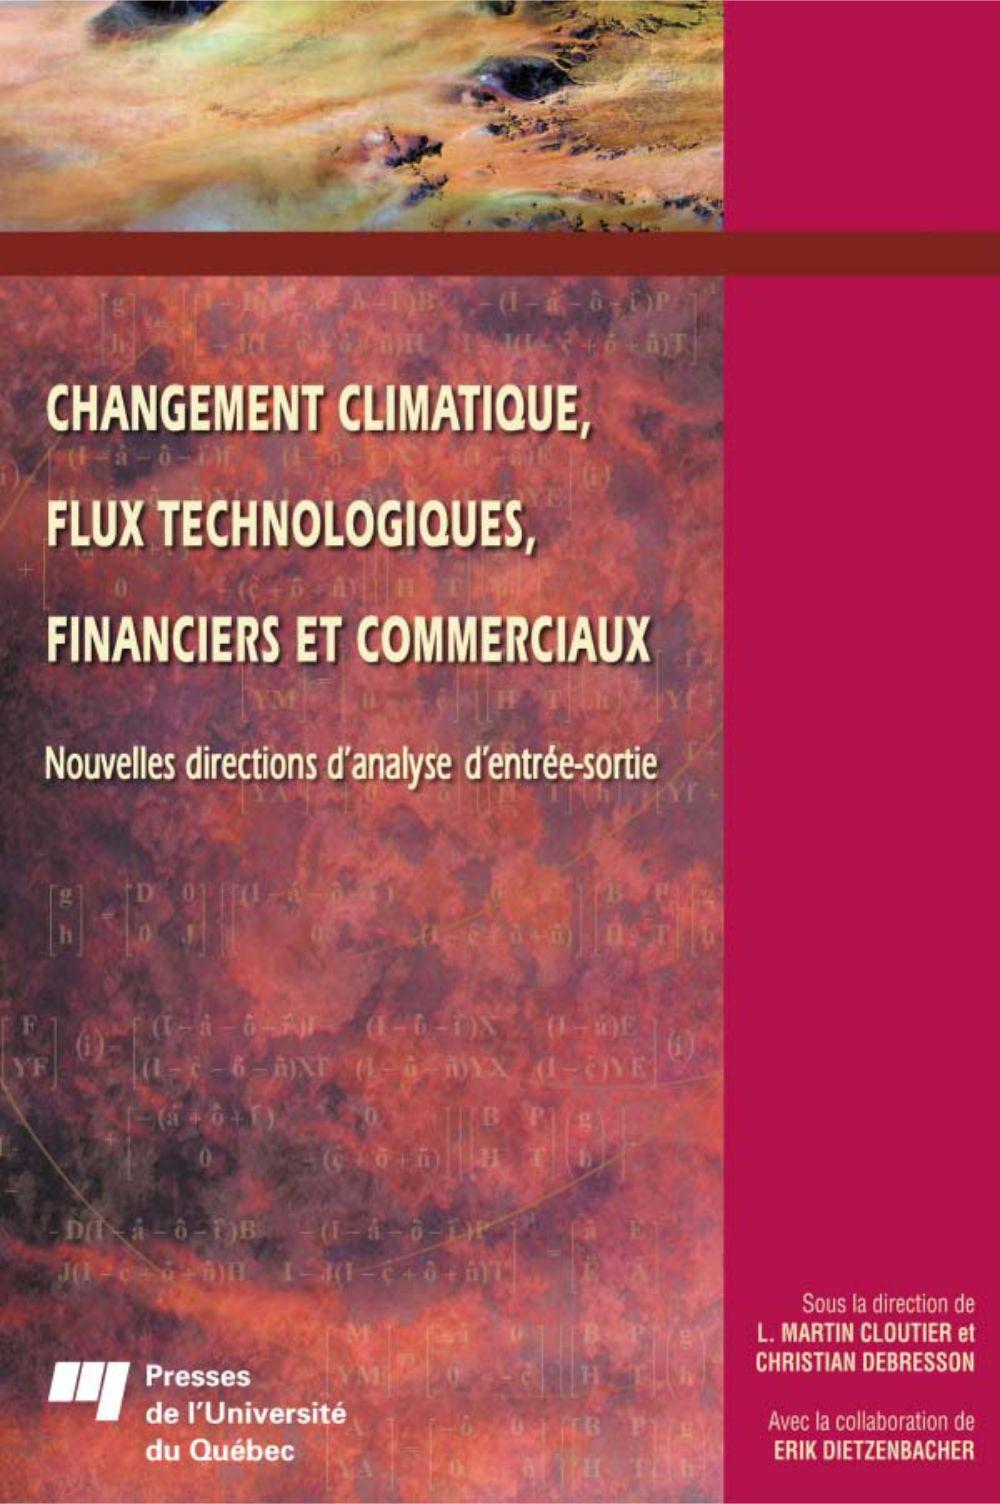 Changement climatique, flux technologiques, financiers et commerciaux